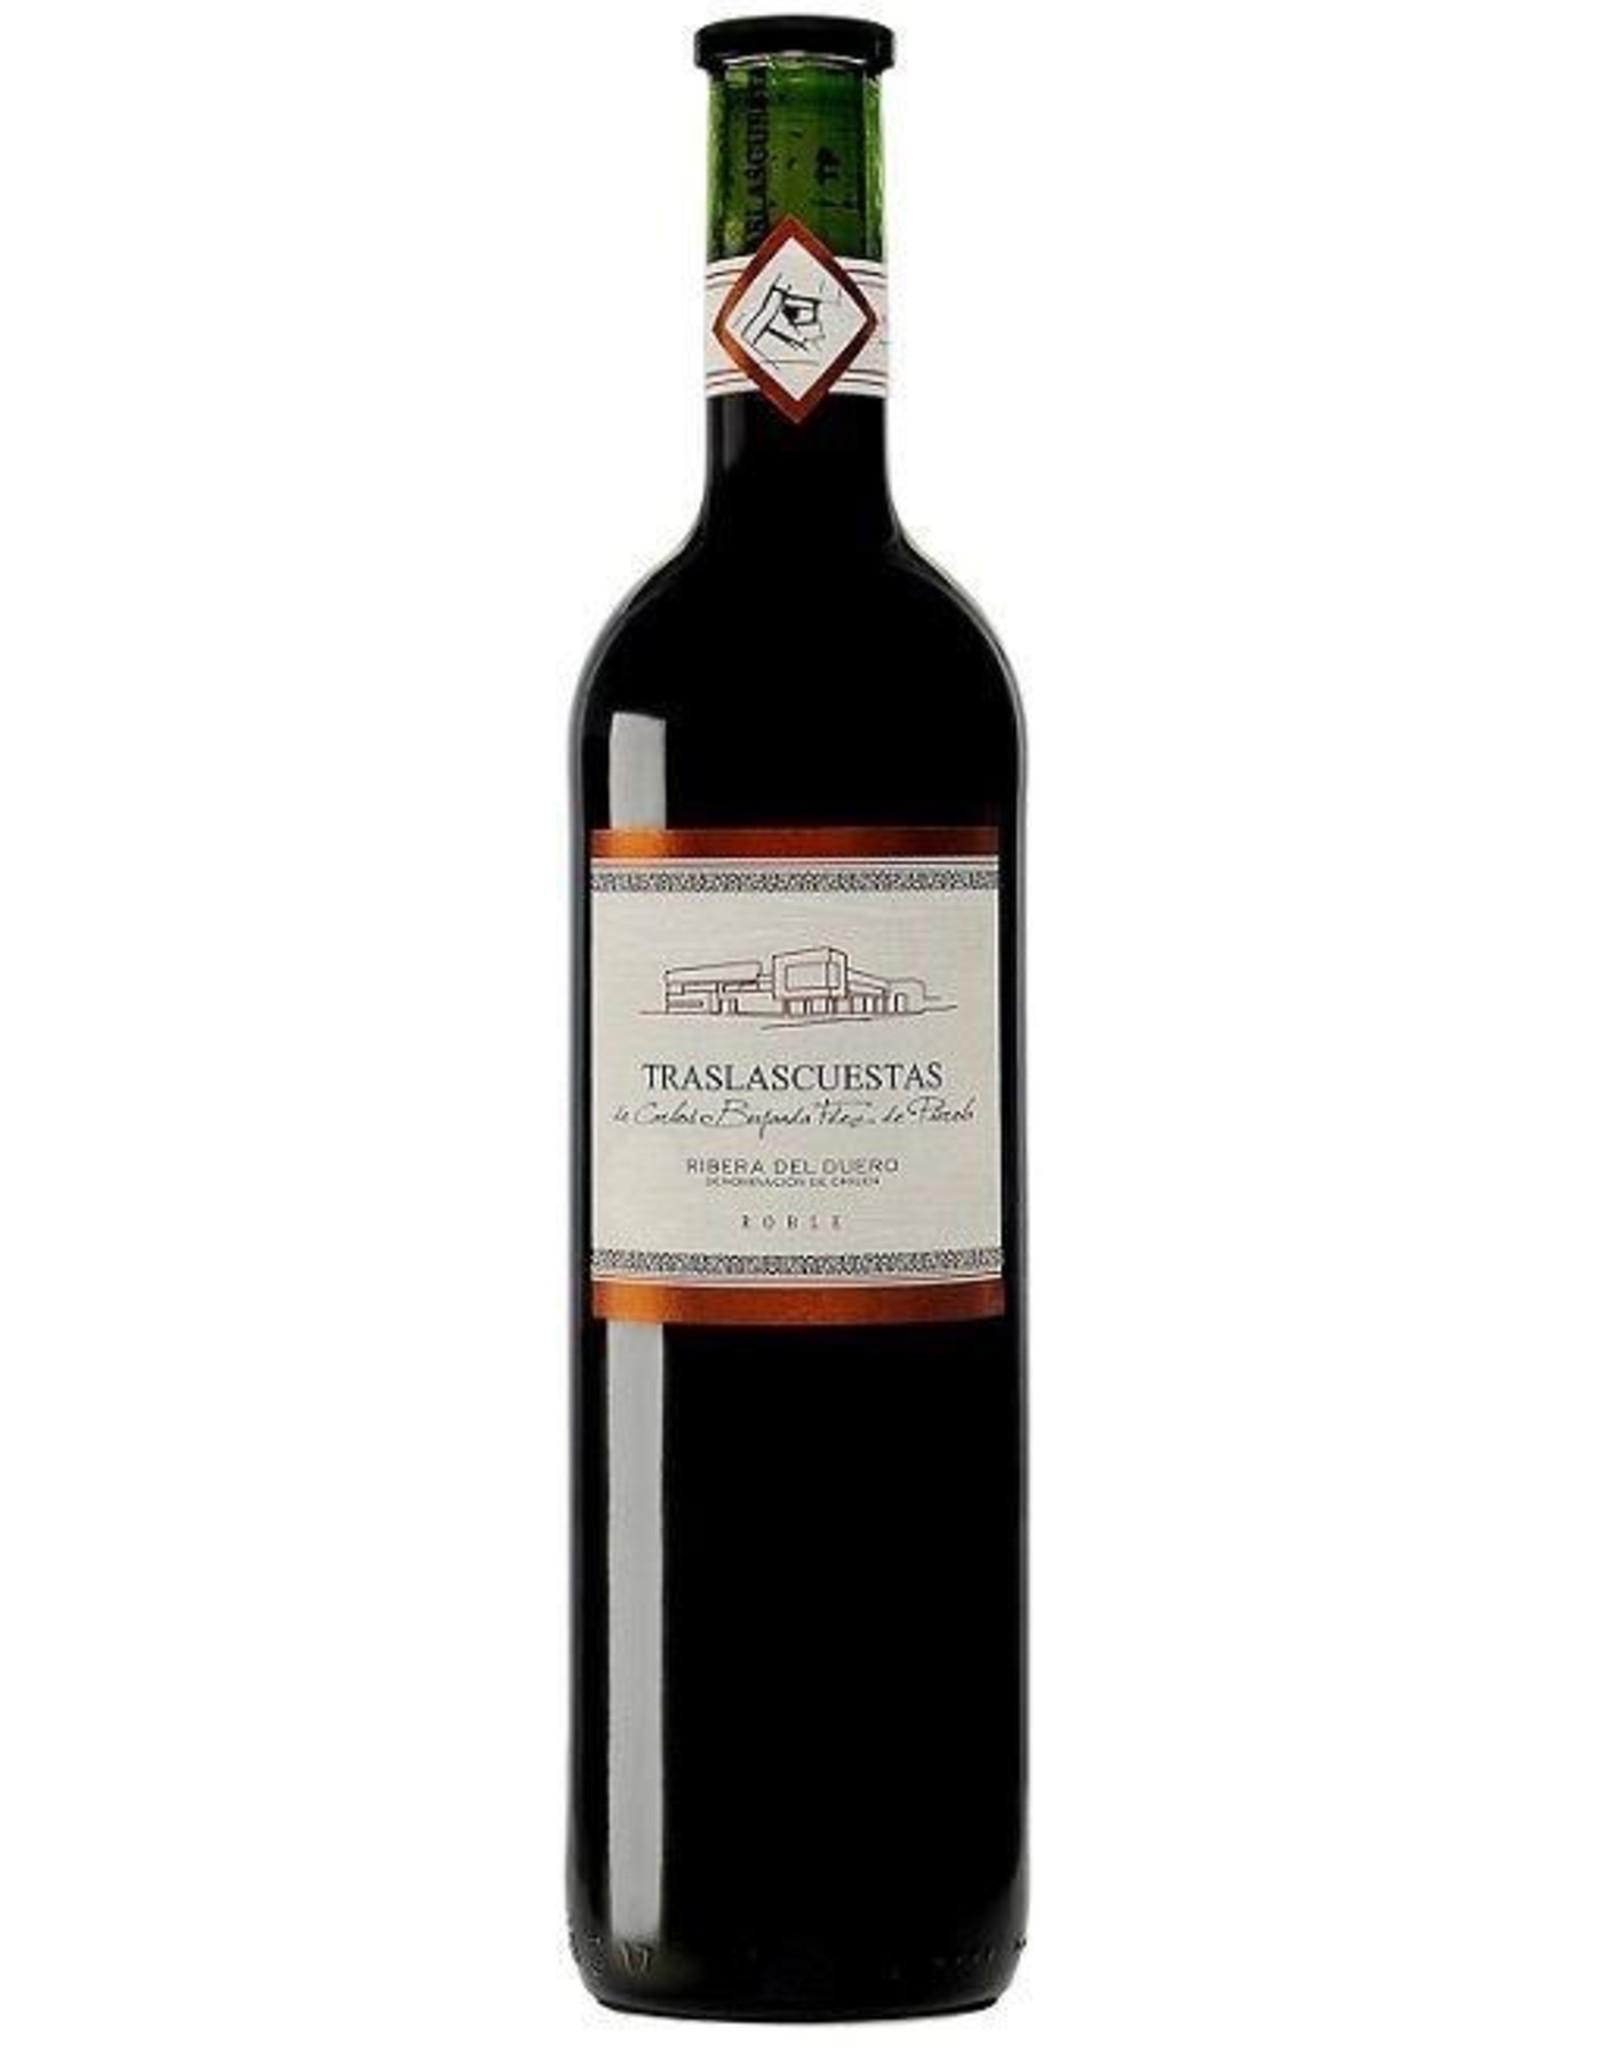 Red Wine 2013, Traslascuestas, Tempranillo, Roble, Ribera Del Duero, Spain, 14% Alc, CT